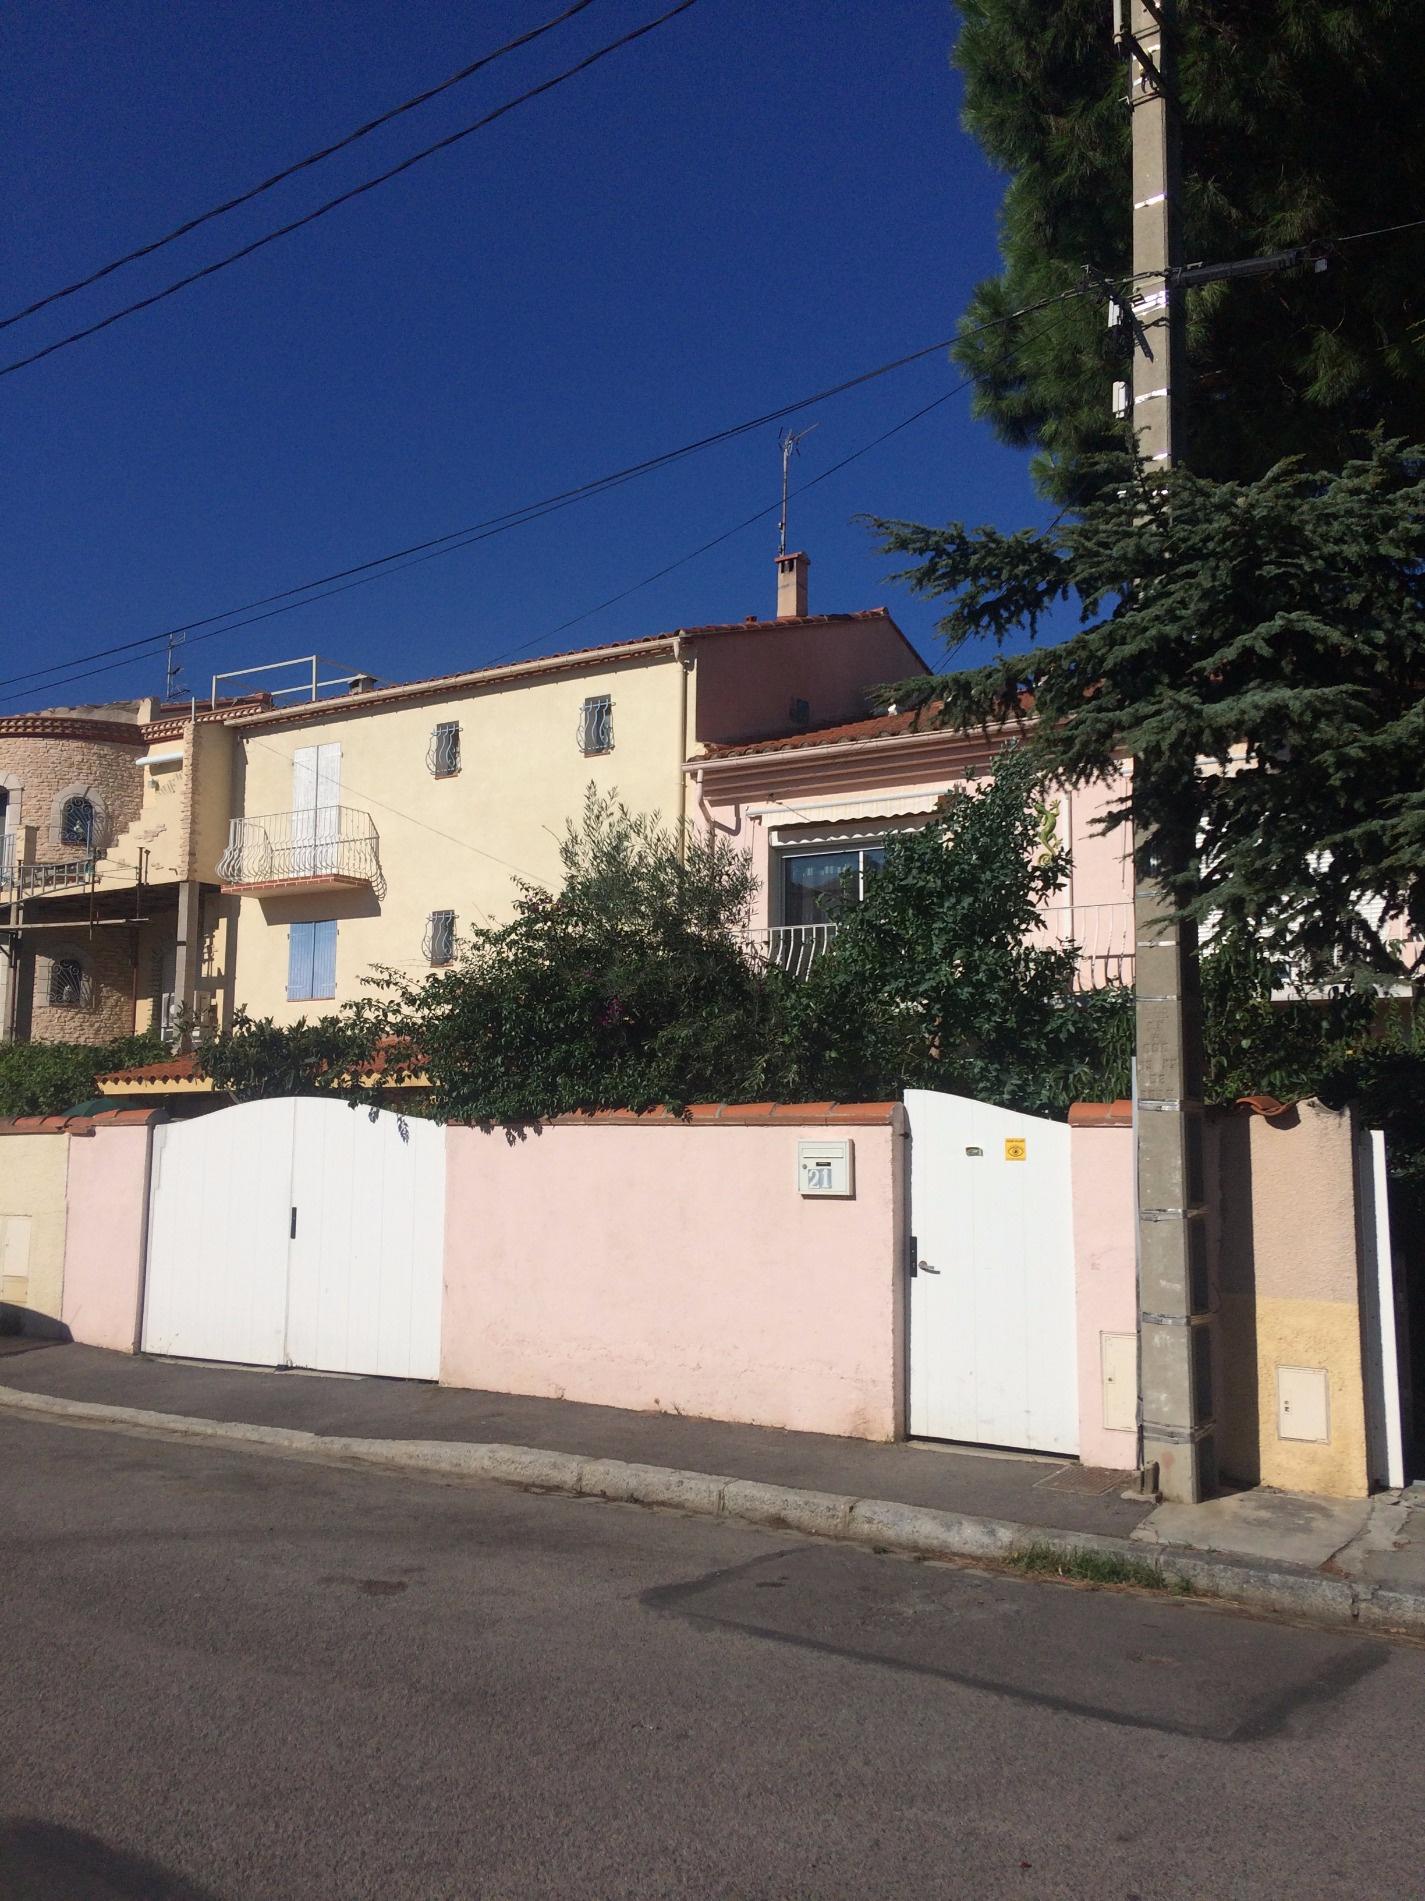 Annonce vente maison perpignan 66000 93 m 148 000 992738559044 - Debarras maison perpignan ...